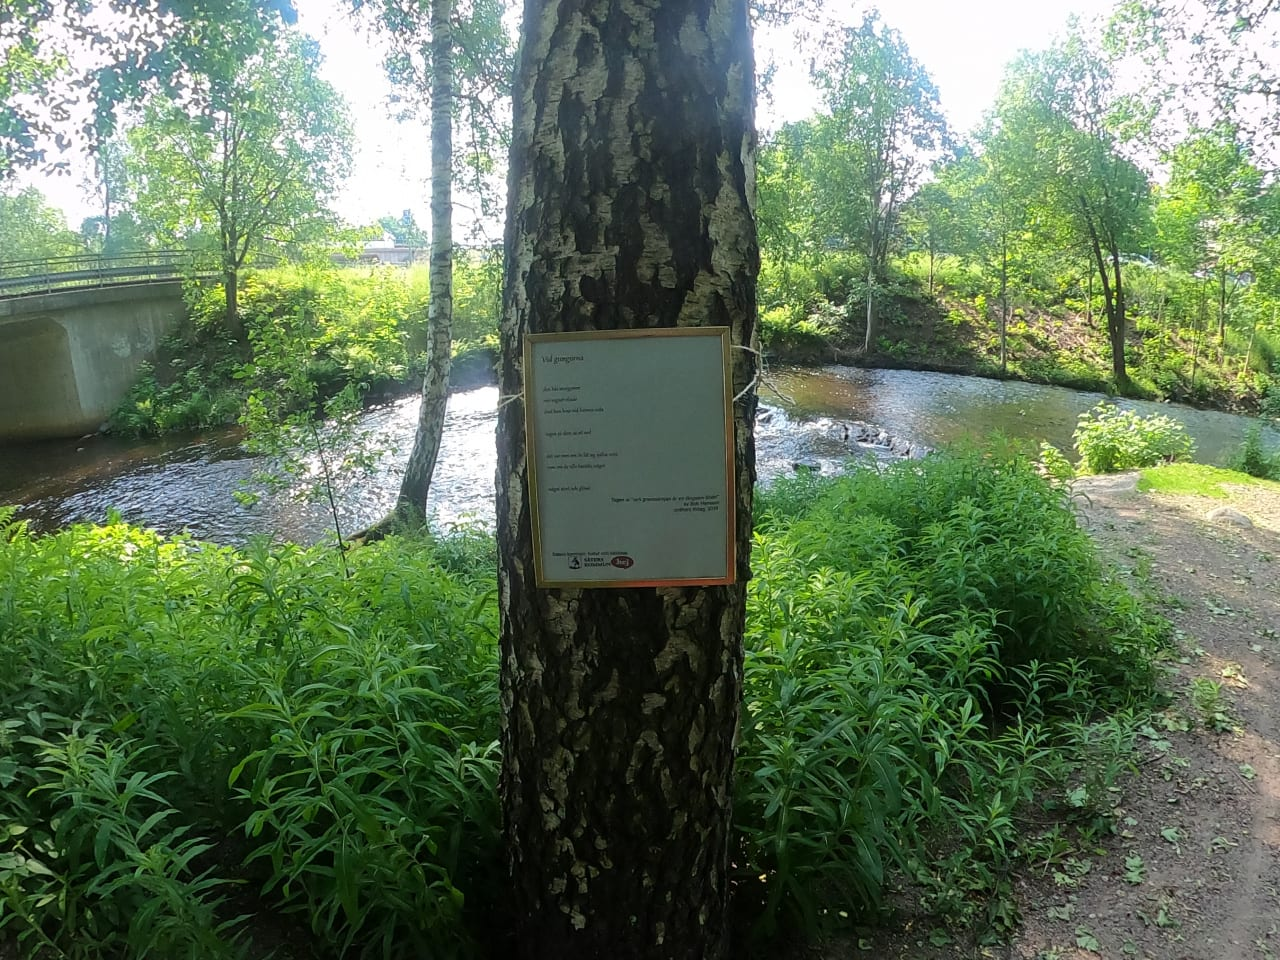 En vacker plats längs en å. På ett träd hänger en tavla med poesi.